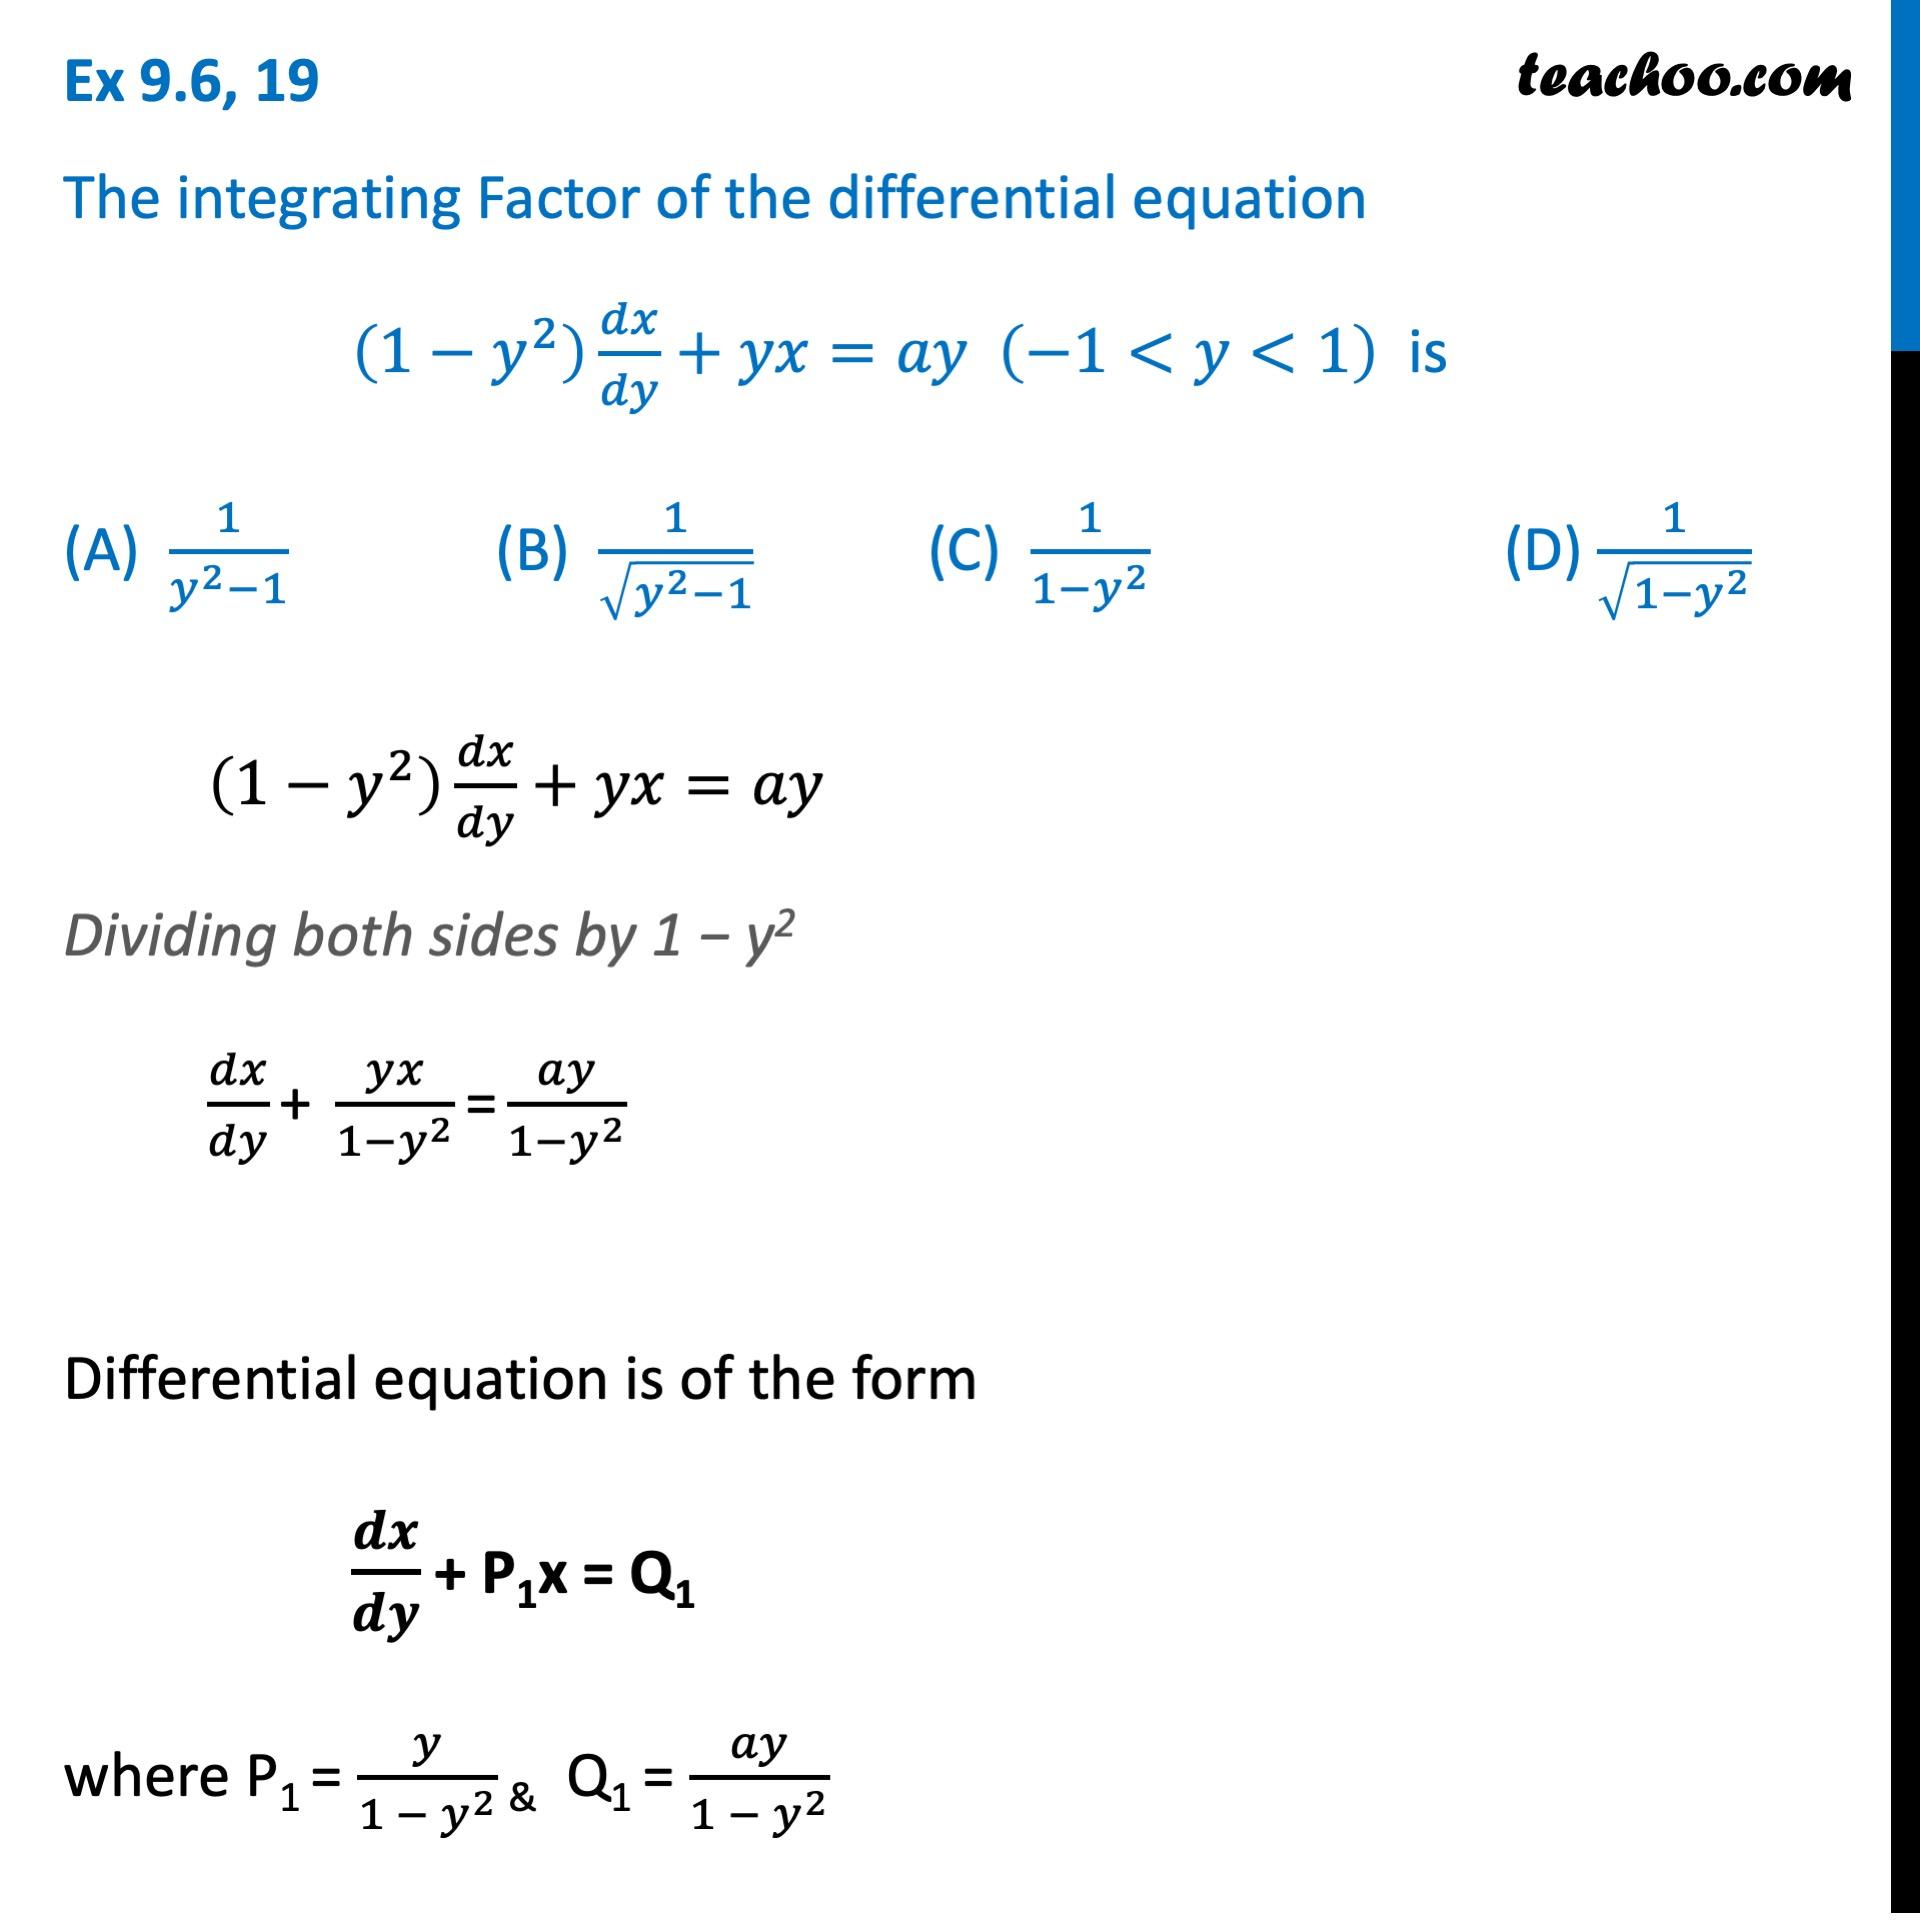 Ex 9.6, 19 - Class 12 - Part 1 - Find Integrating Factor.jpeg